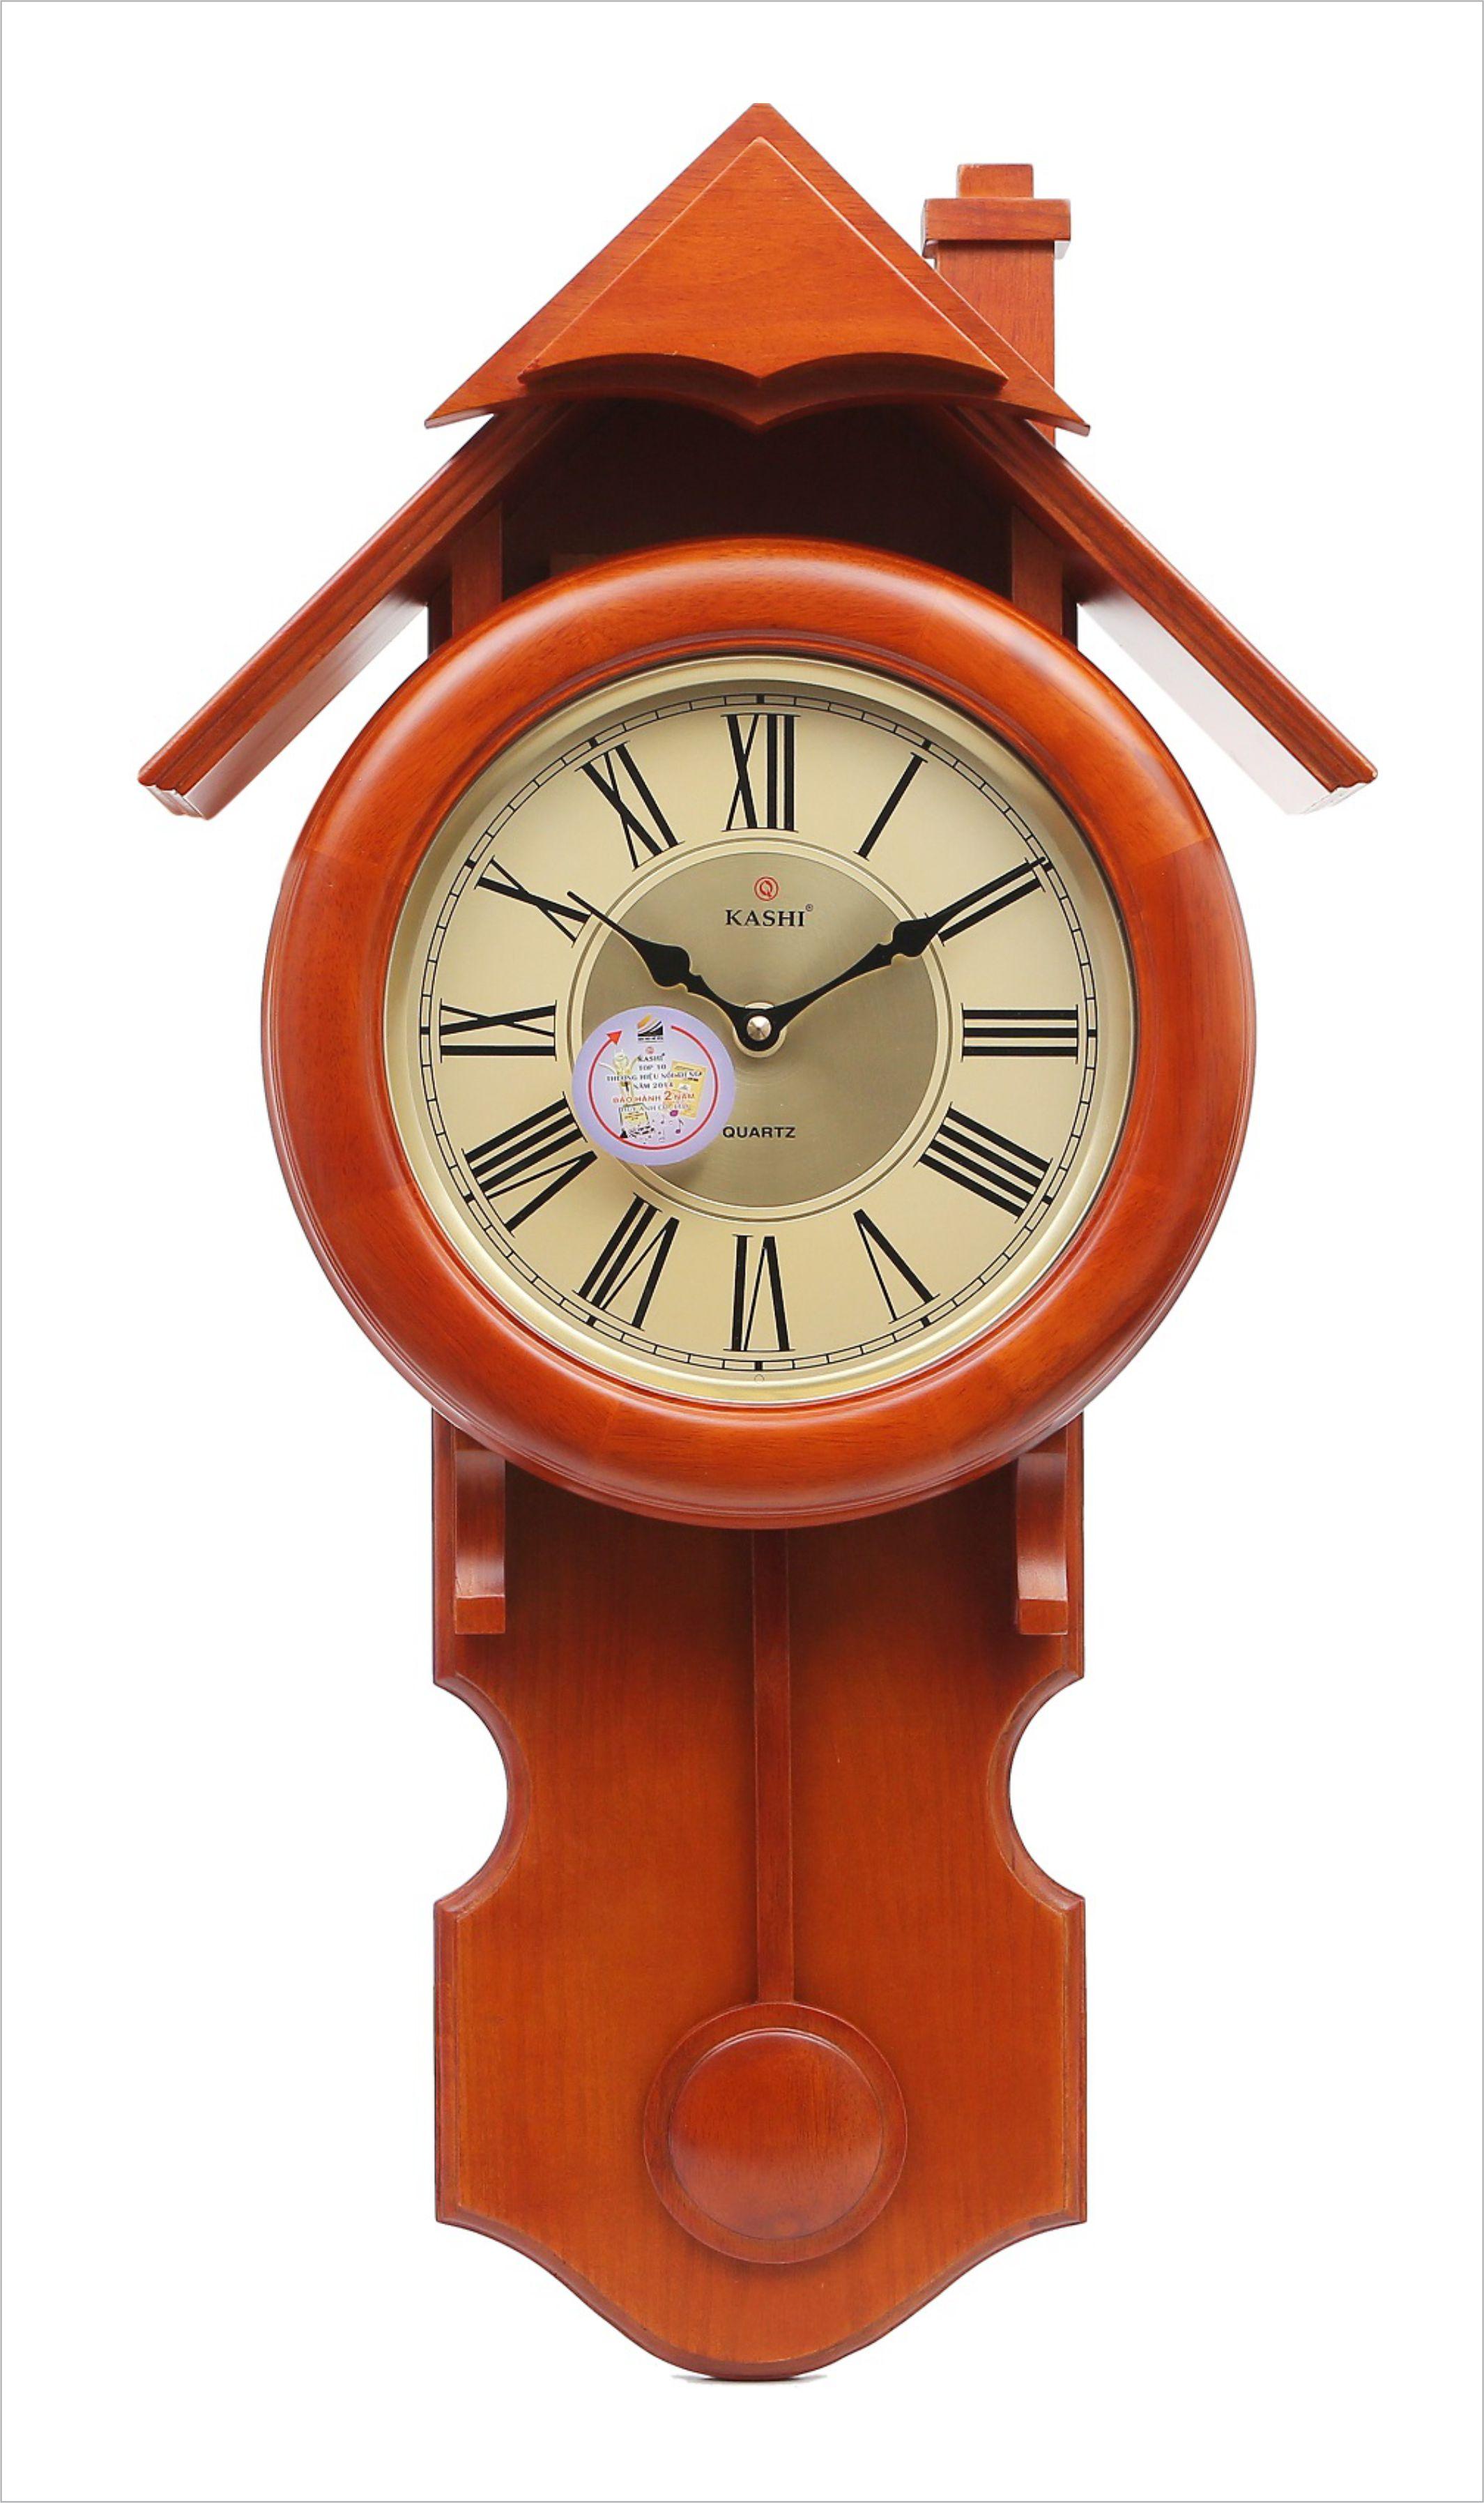 Đồng hồ treo tường quả lắc DHHM258 Nhạc Kashi  41 x 72.5cm